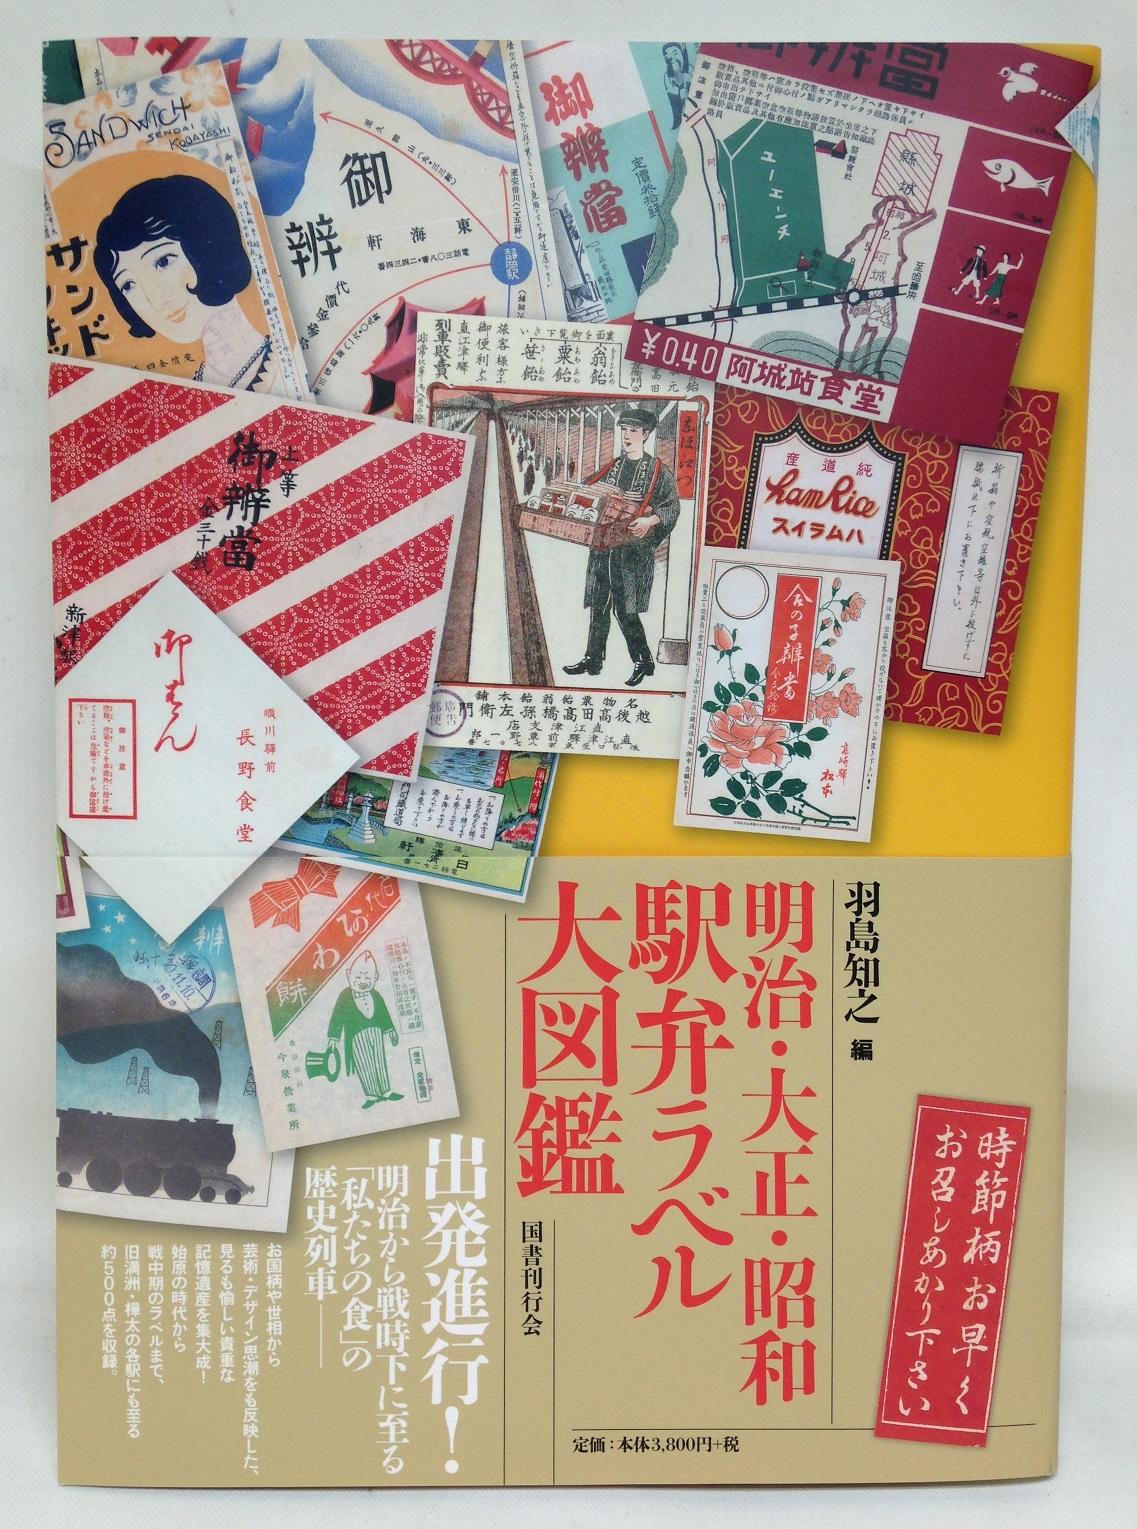 【特価本】明治・大正・昭和駅弁ラベル大図鑑画像